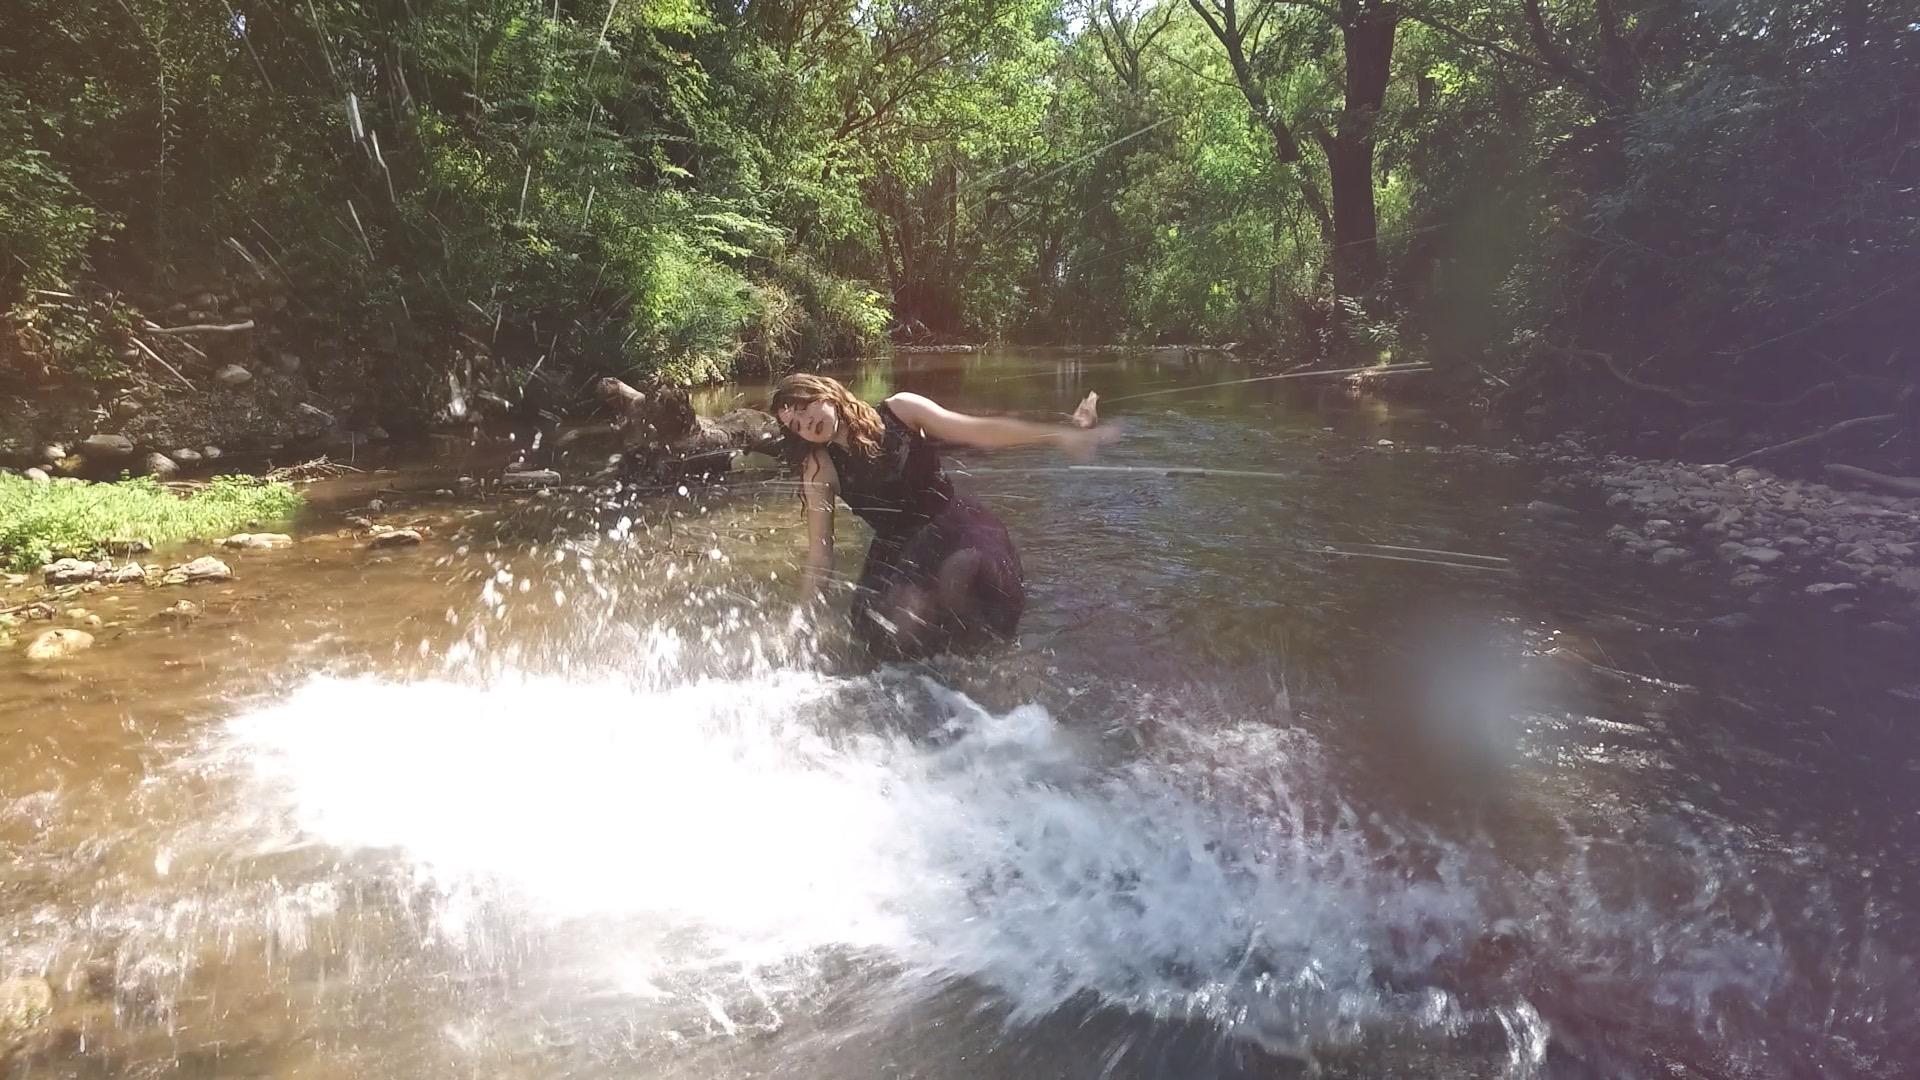 clip video musique – eau clip – Juste en rêvant – Elerose-music -viviane -riberaigua -realisateur music video director. 1